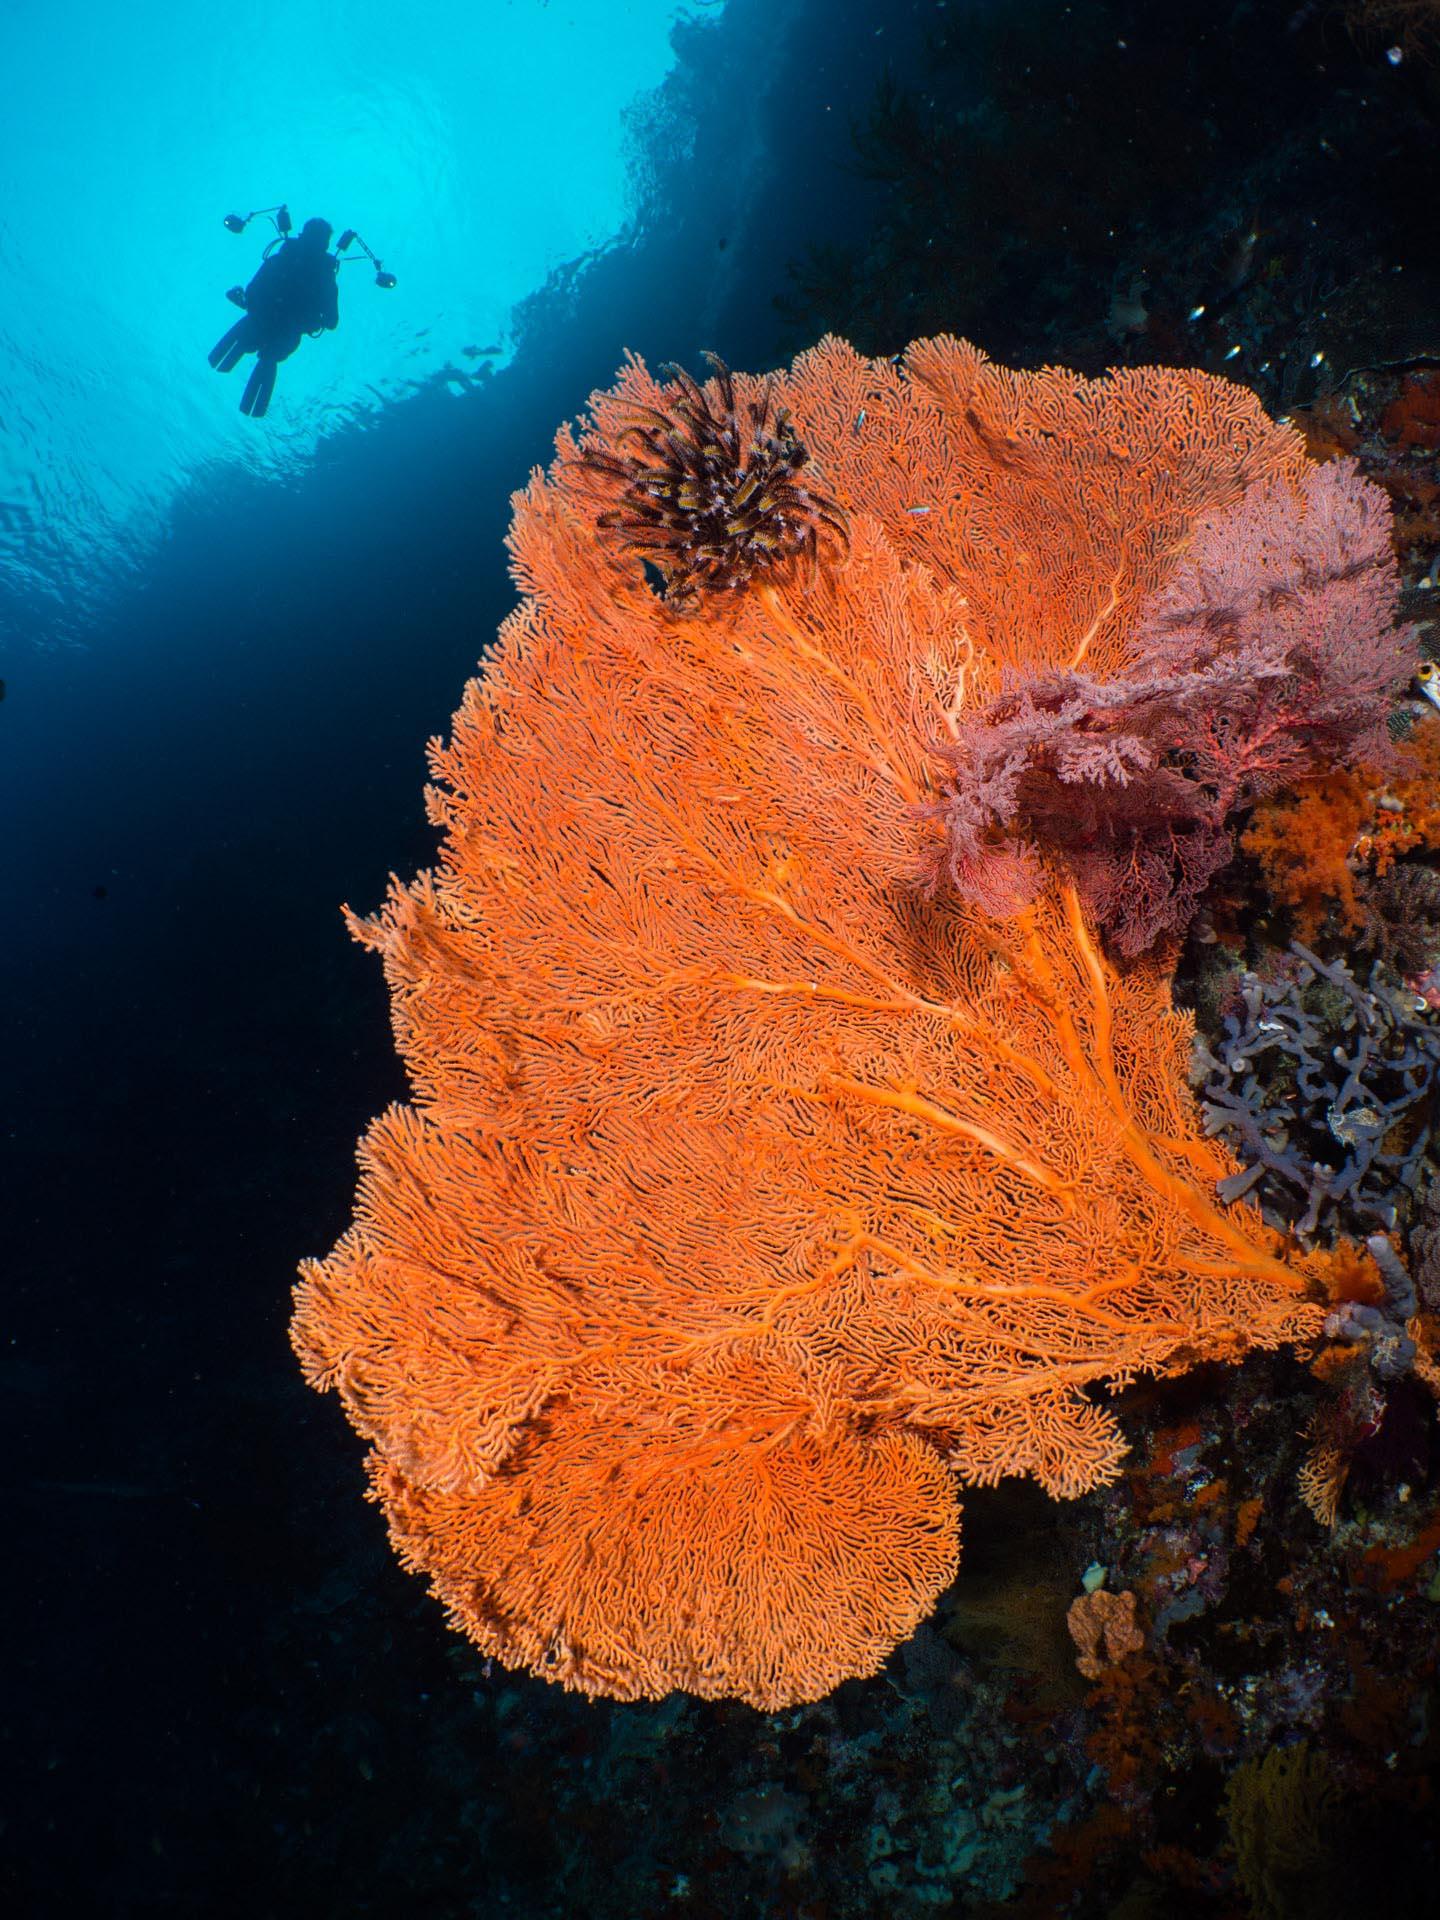 diver above large sea fan